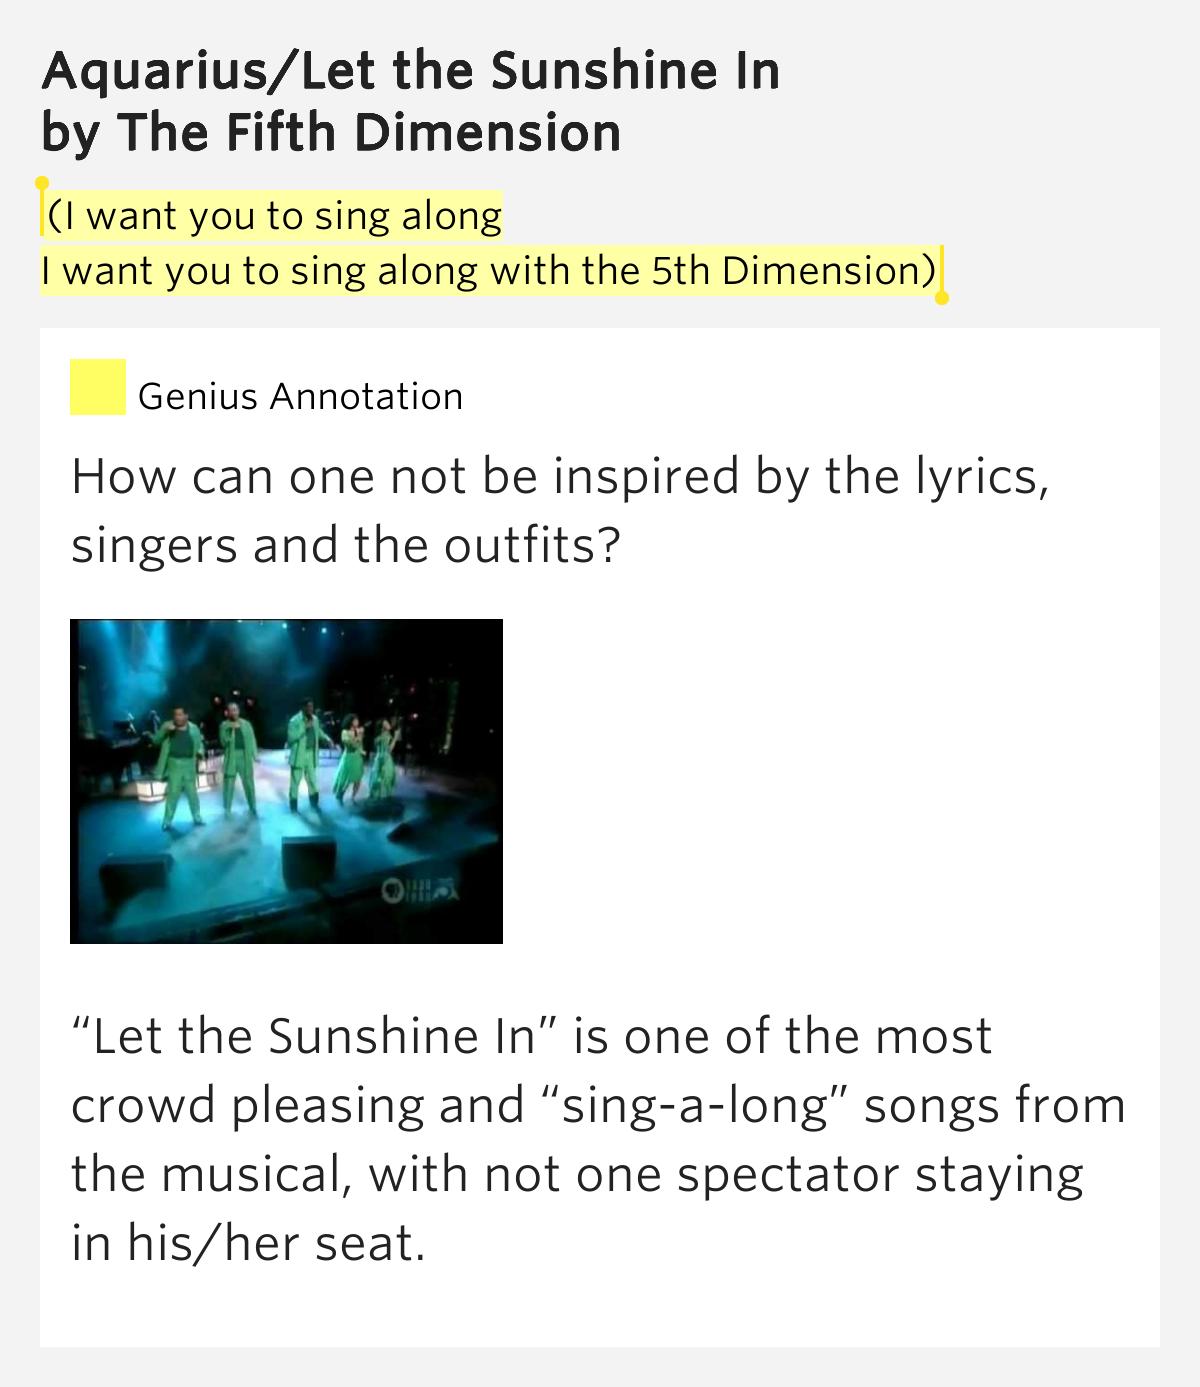 Aquarius/Let the Sunshine In Lyrics